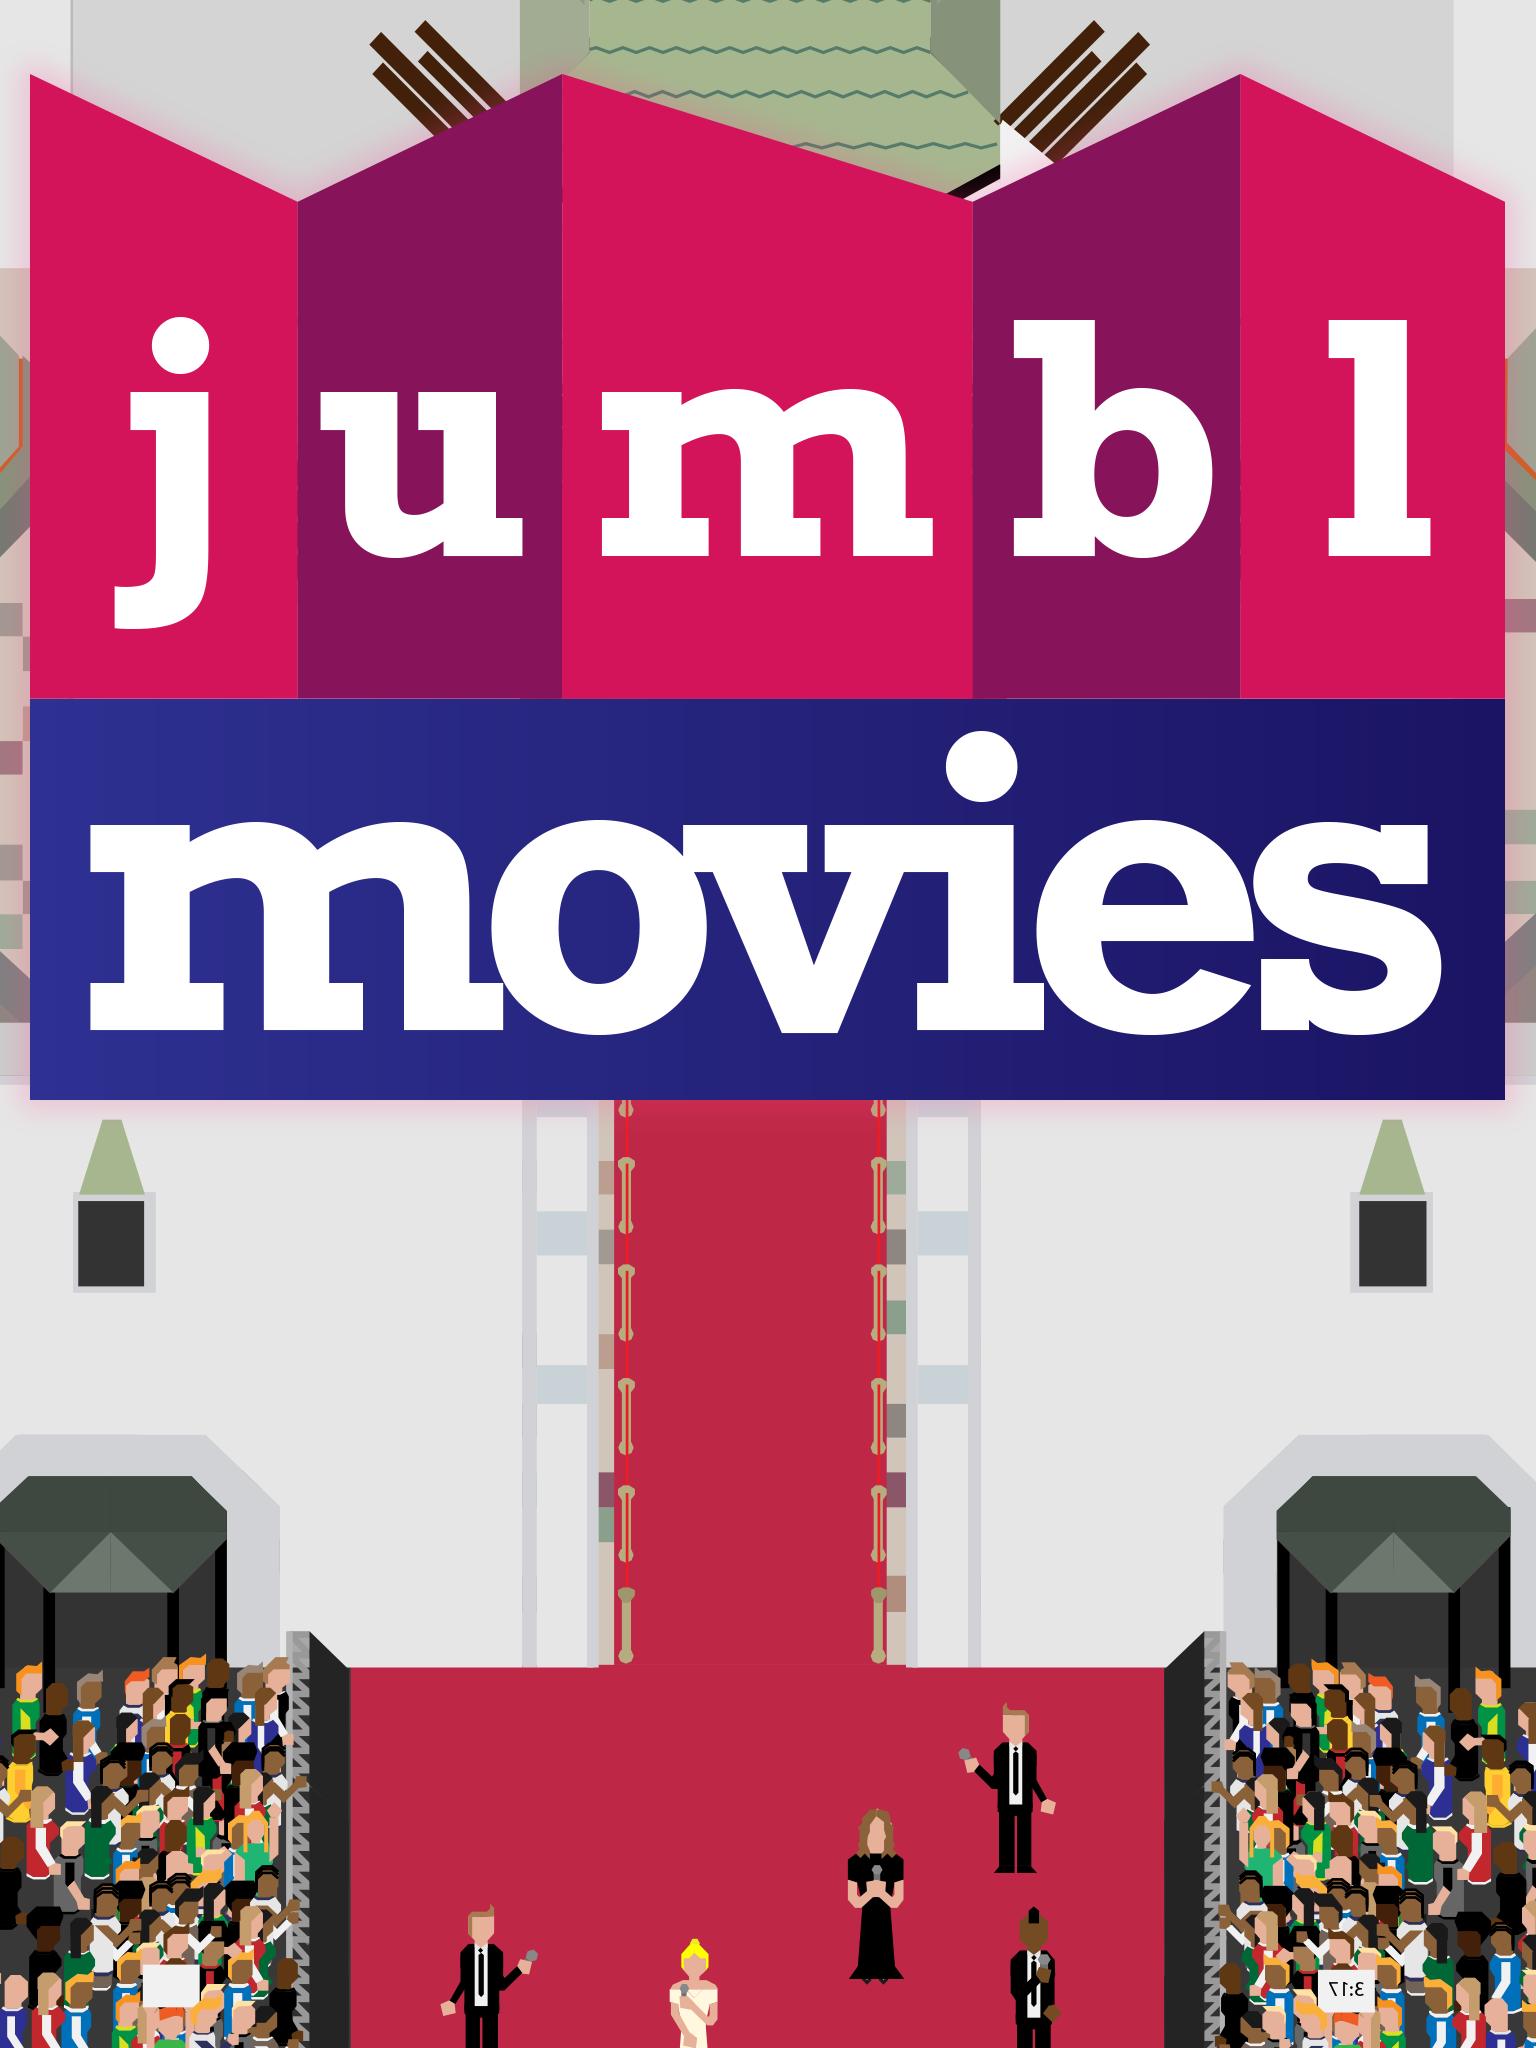 Jumbl Movies